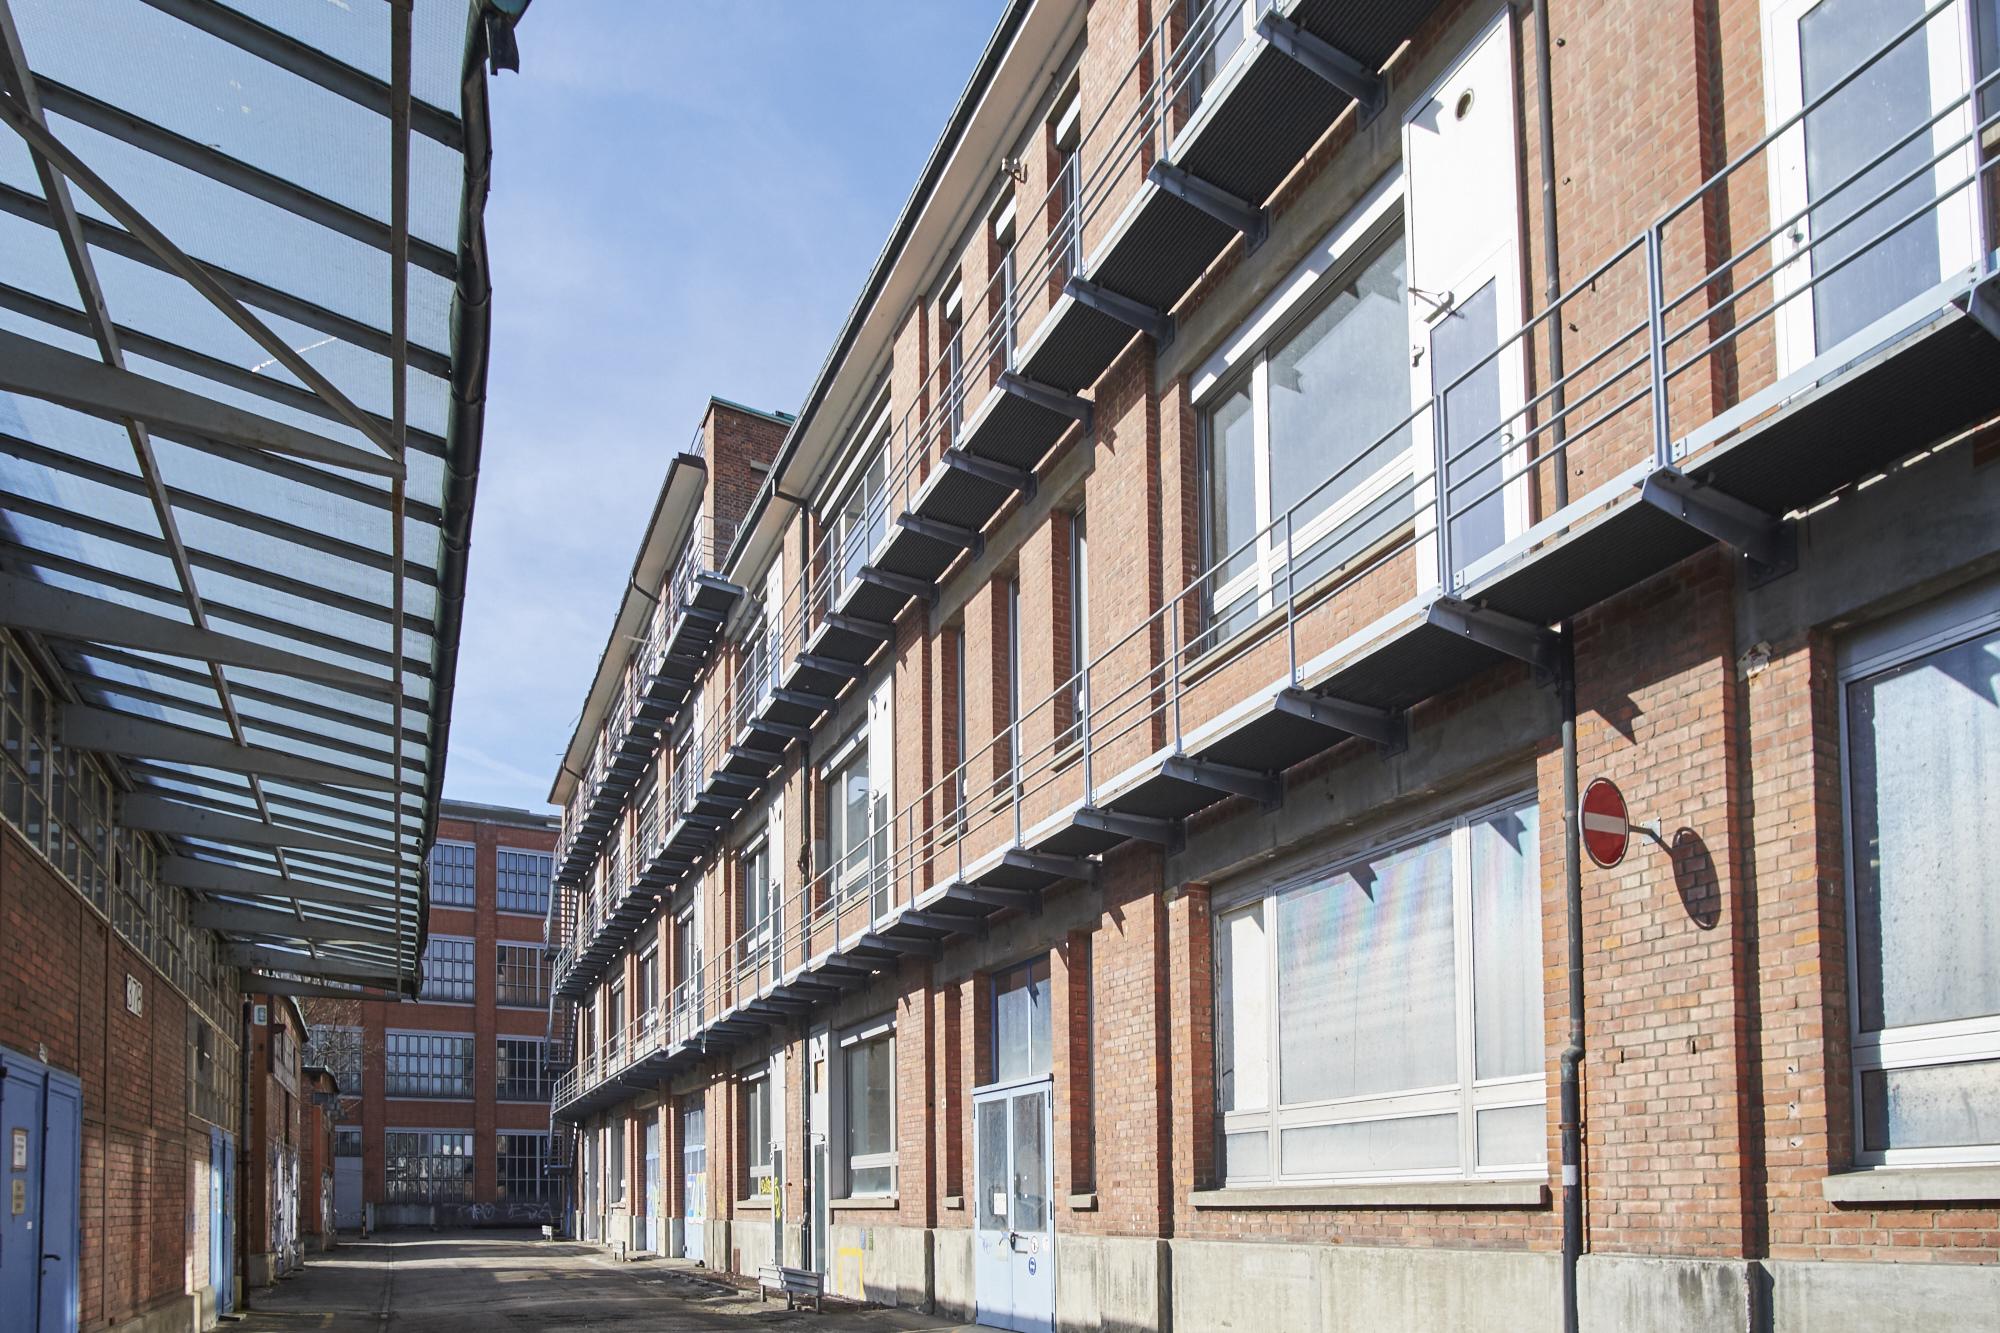 Produktionsgebäude aus den 1940er- und 50er-Jahren verströmen Industrieromantik.